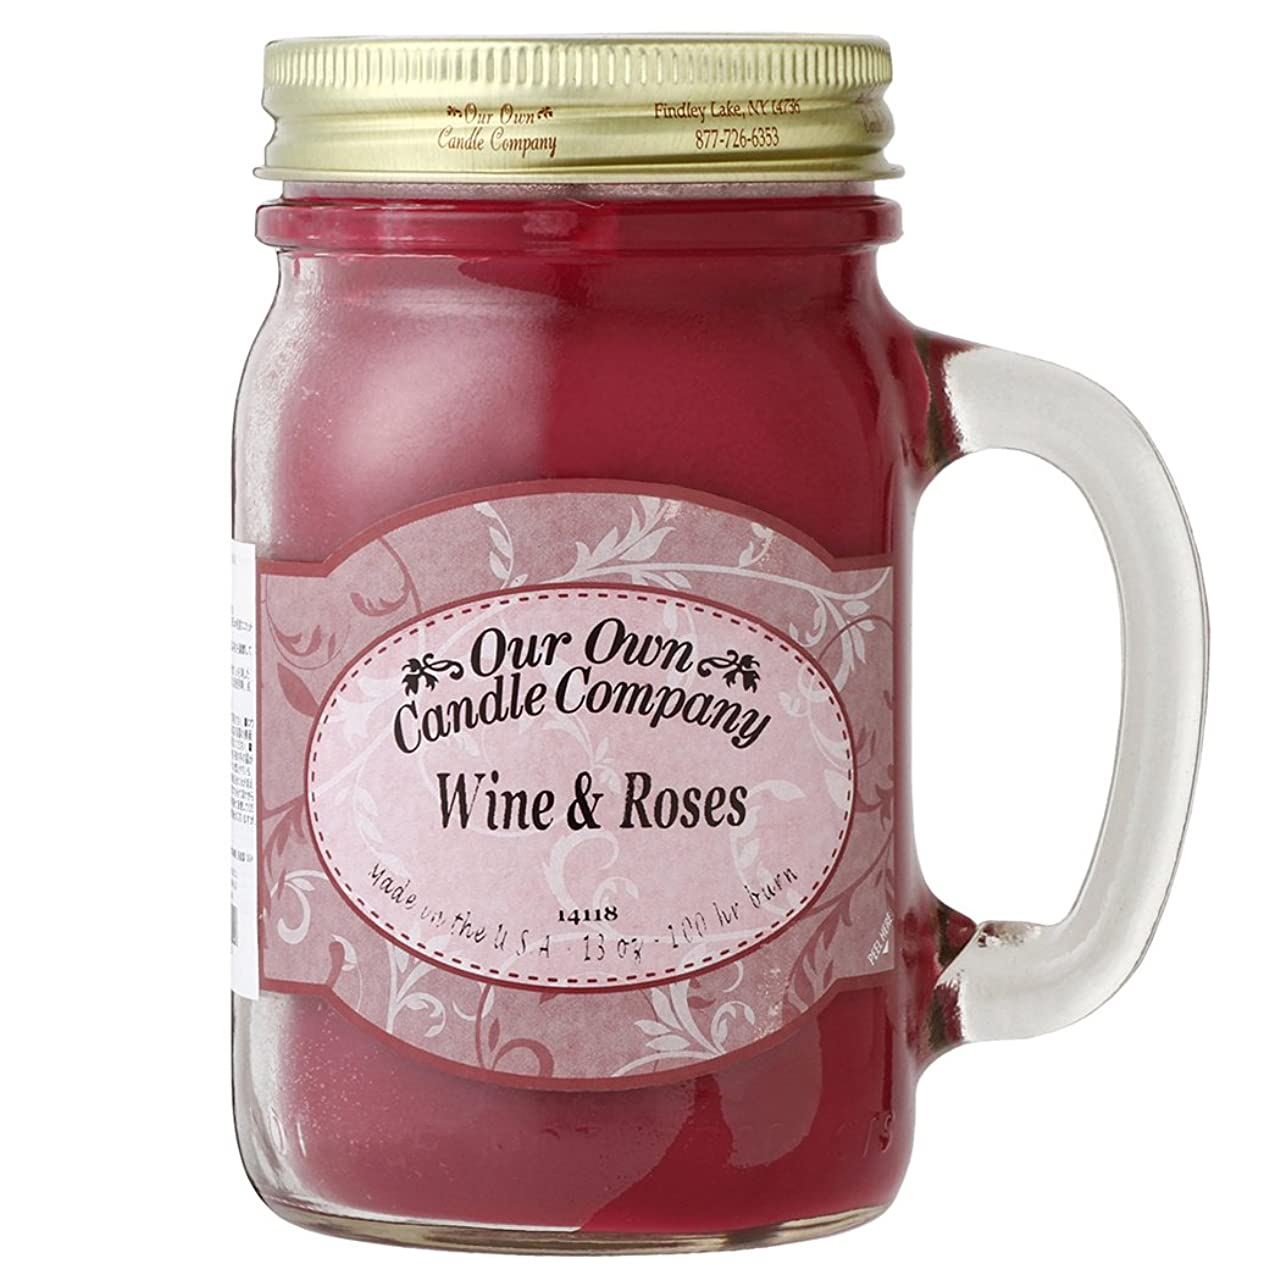 苗加速度思春期Our Own Candle Company メイソンジャーキャンドル ラージサイズ ワイン&ローズ OU100129